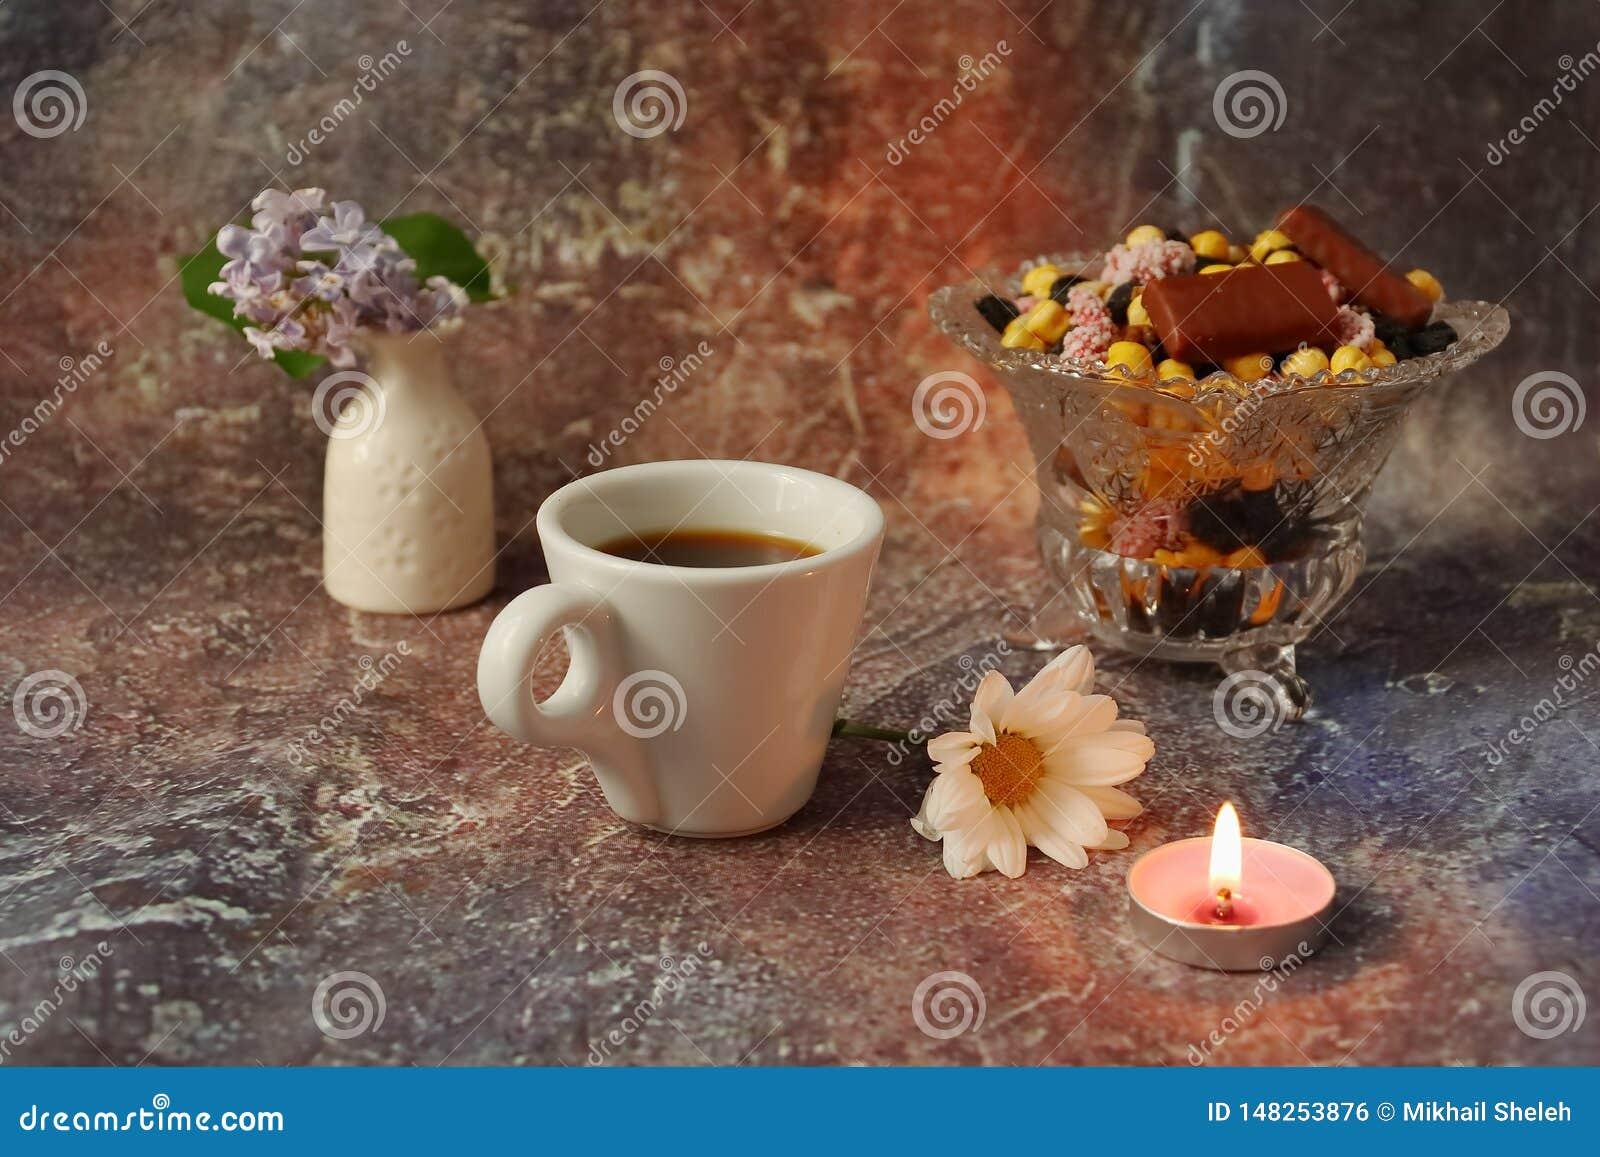 Caf? de la ma?ana a toda prisa: una taza de caf?, de flores en un florero, de frutas secadas y de dulces en un florero, una vela